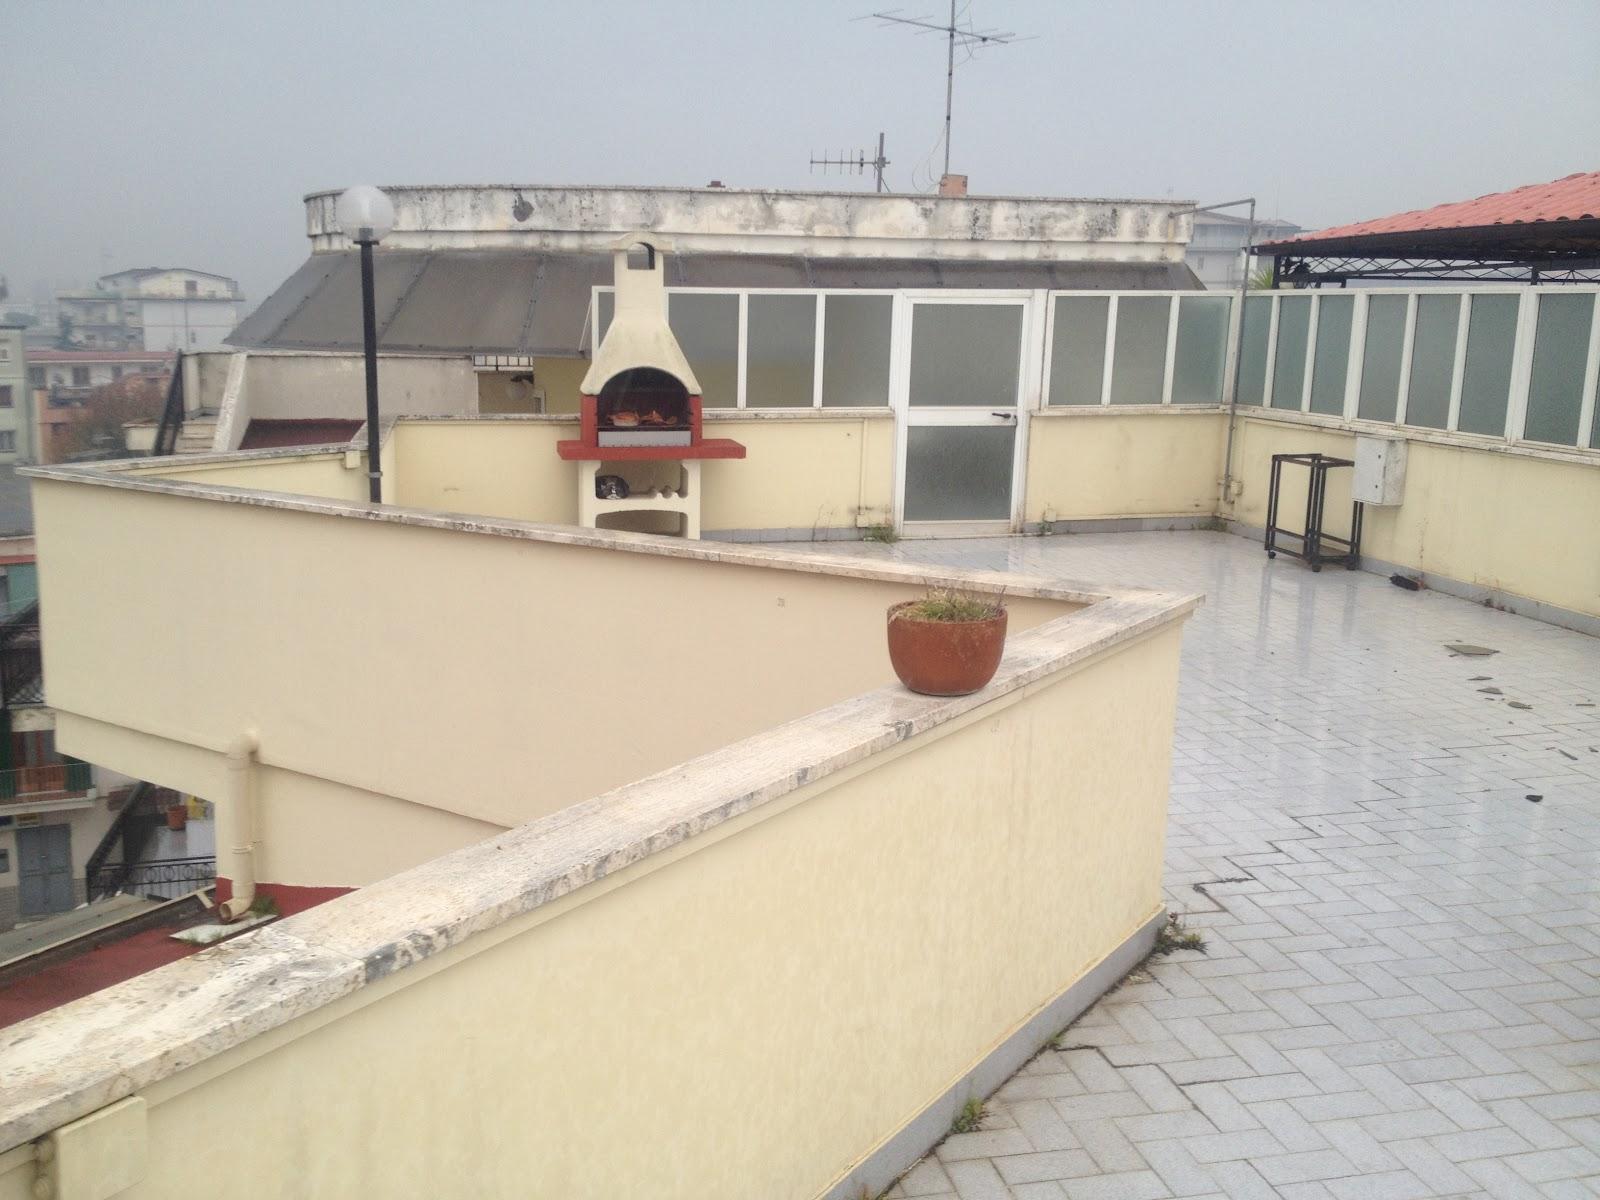 Cerco casa a napoli cerco appartamento con terrazzo - Cerco cucina usata napoli ...